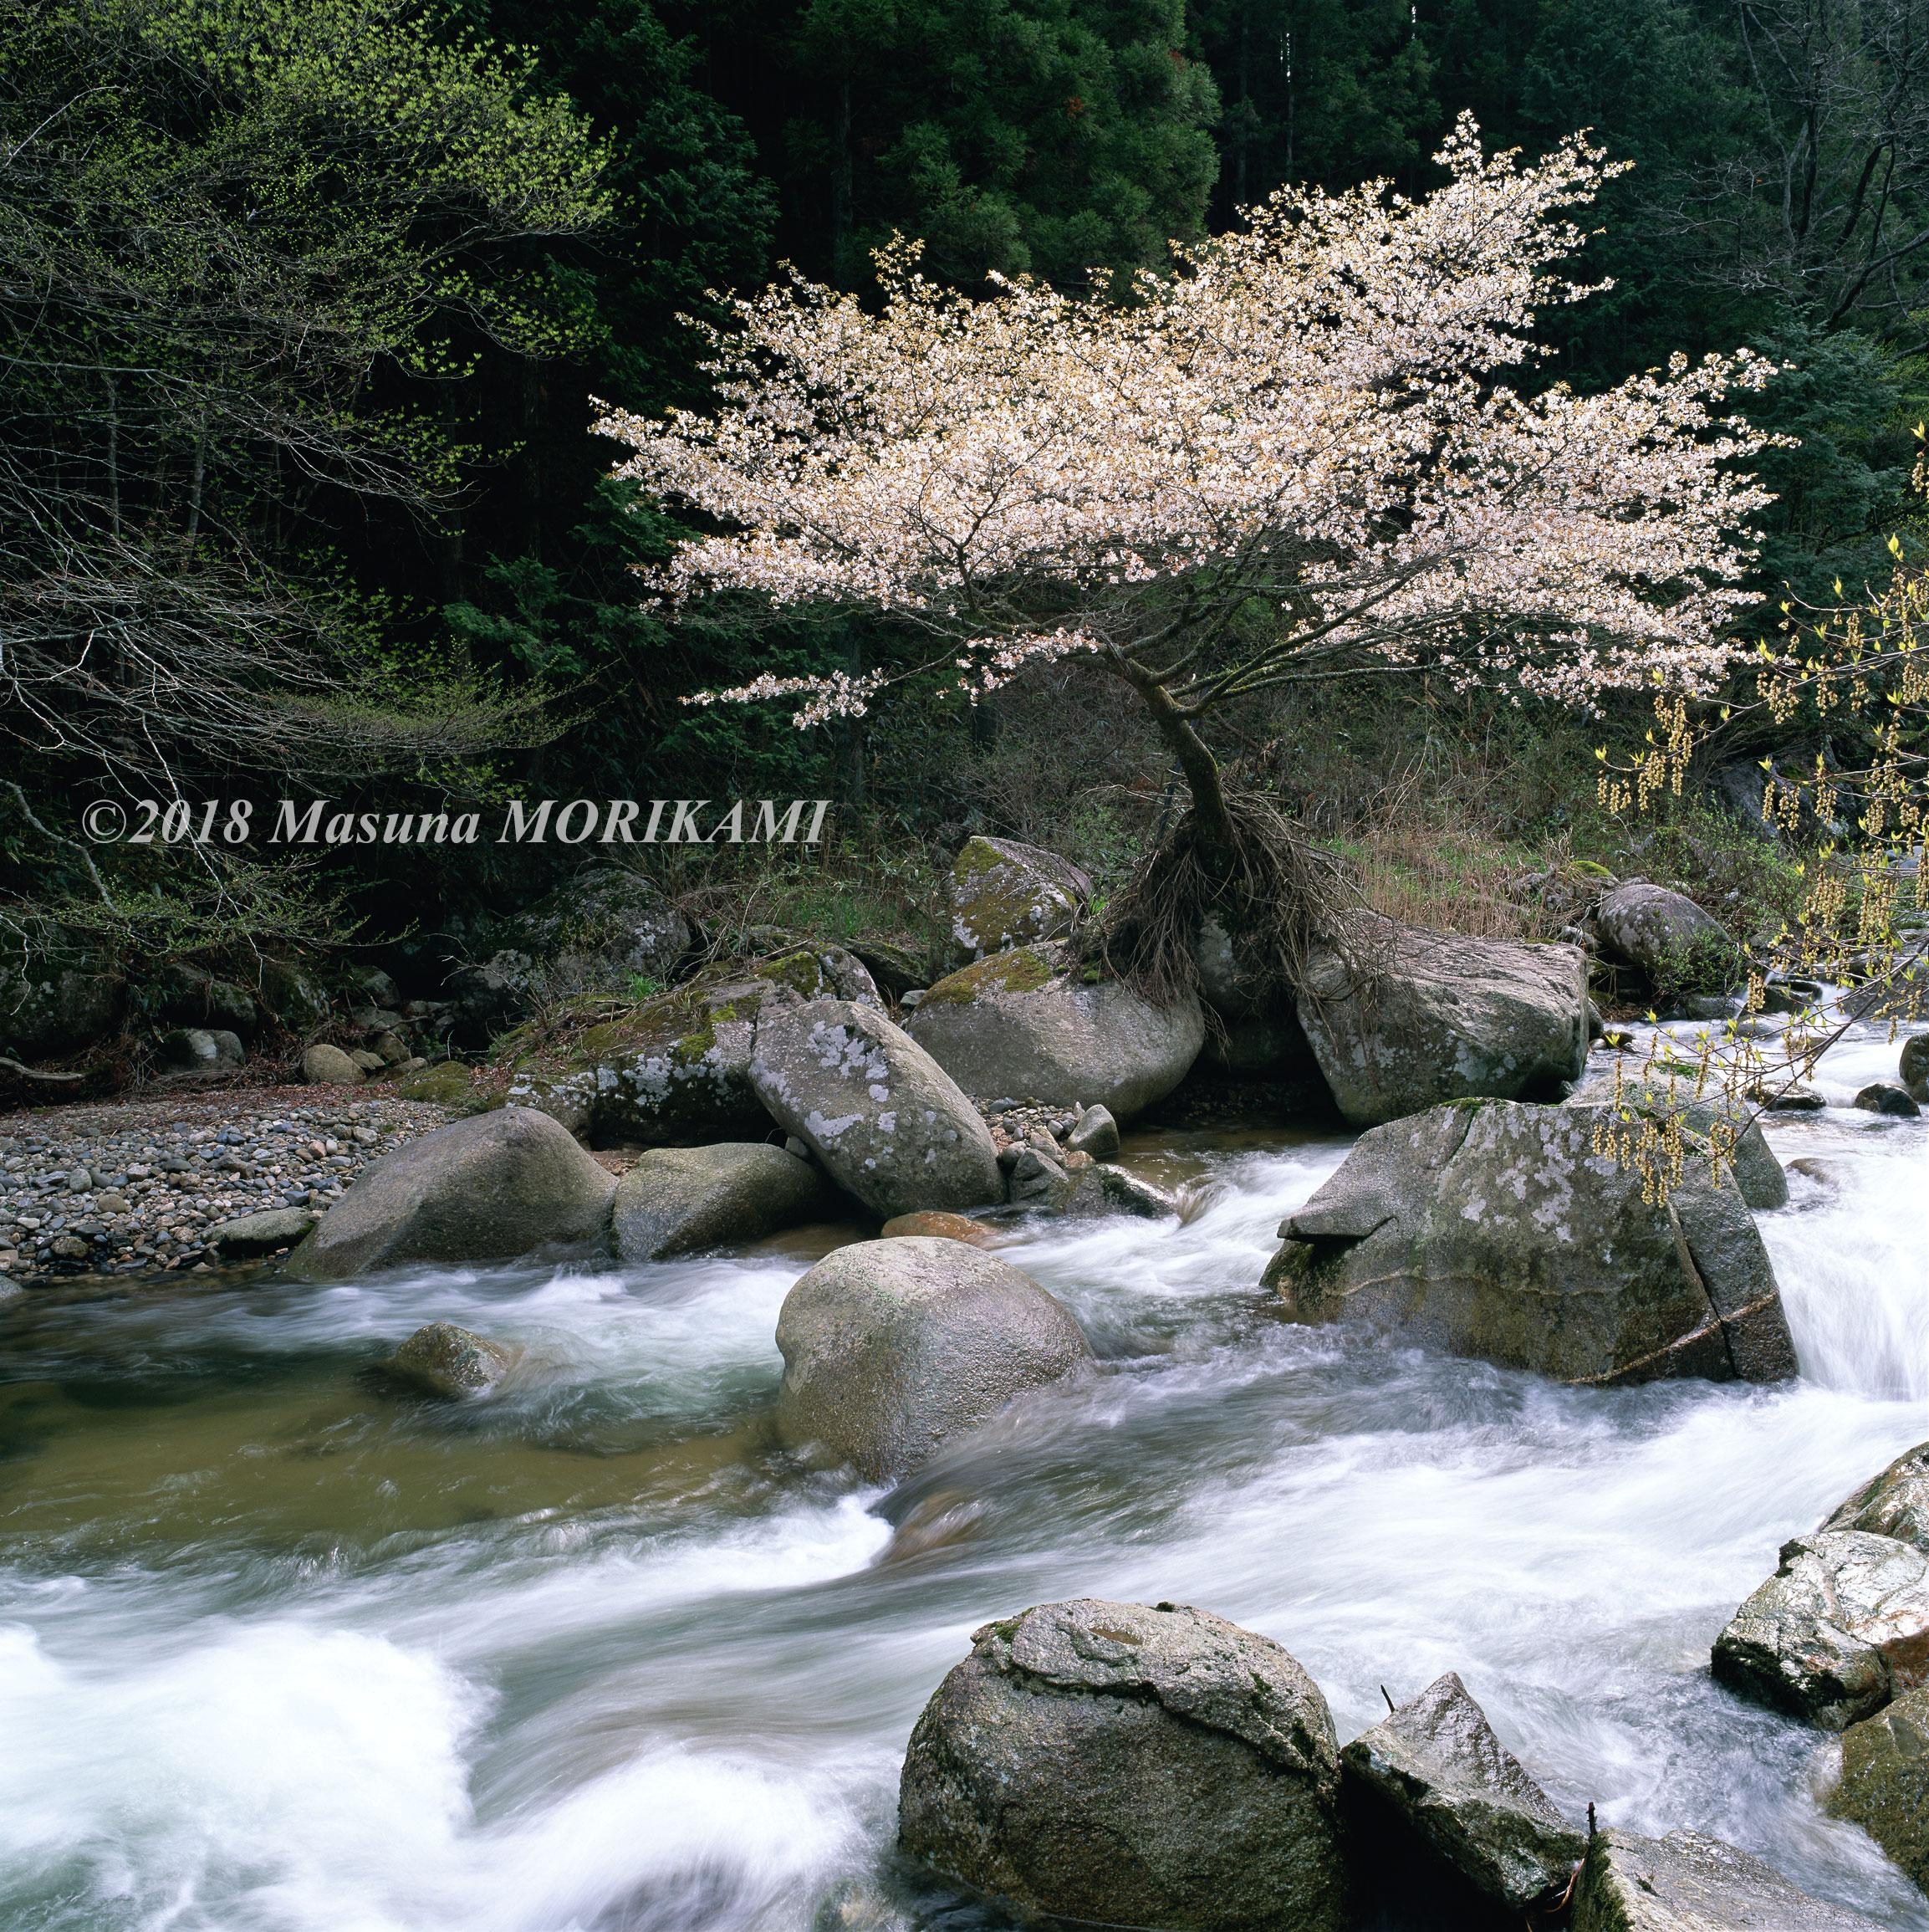 03 石にとどまる/長野県根羽村/2003.4.27 9:10